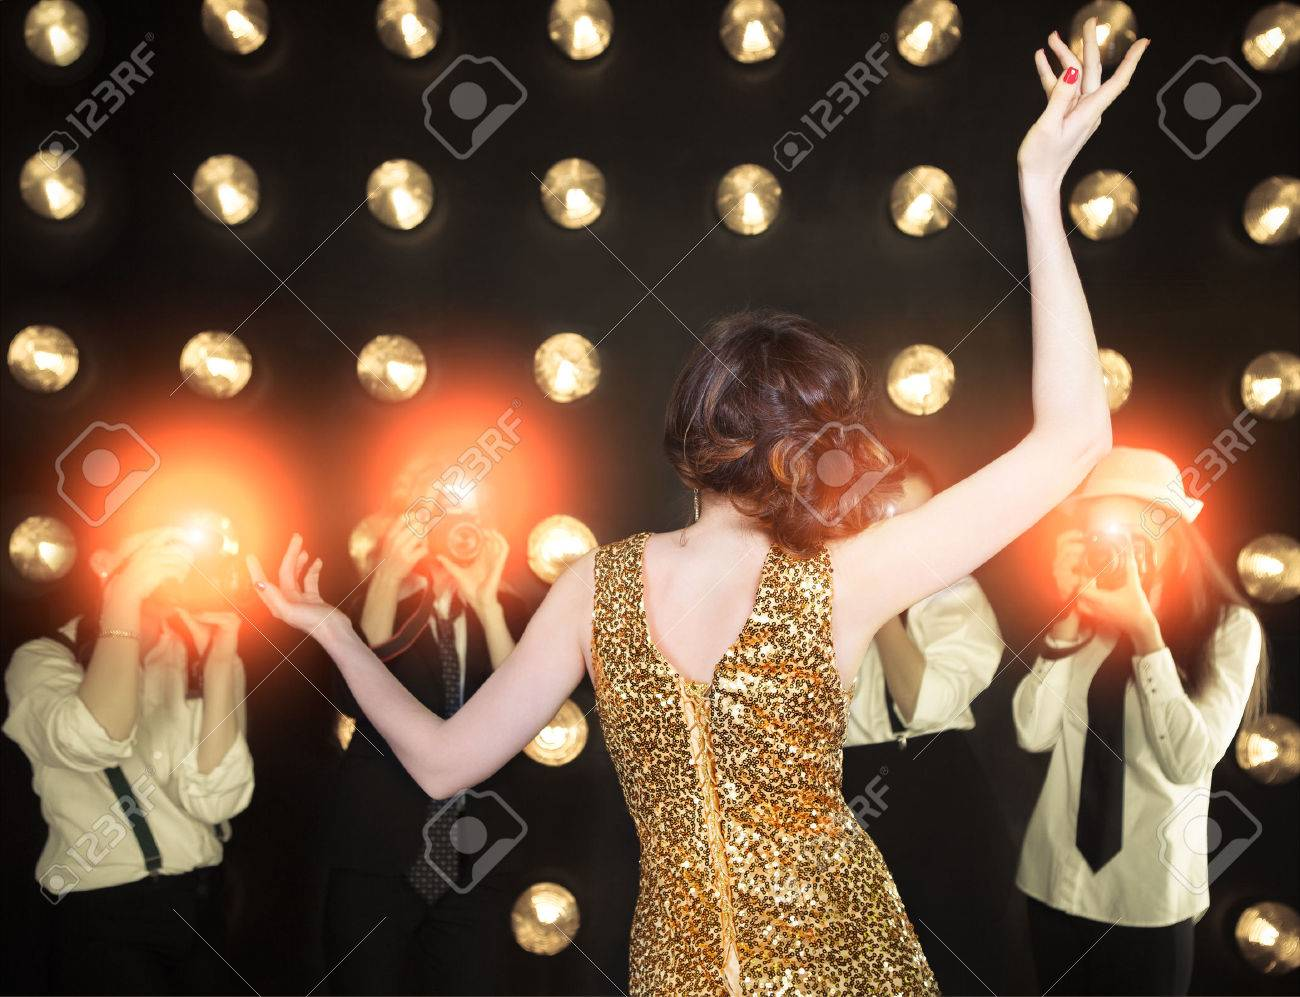 Superstar woman wearing golden shining dress posing to paparazzi - 38253521